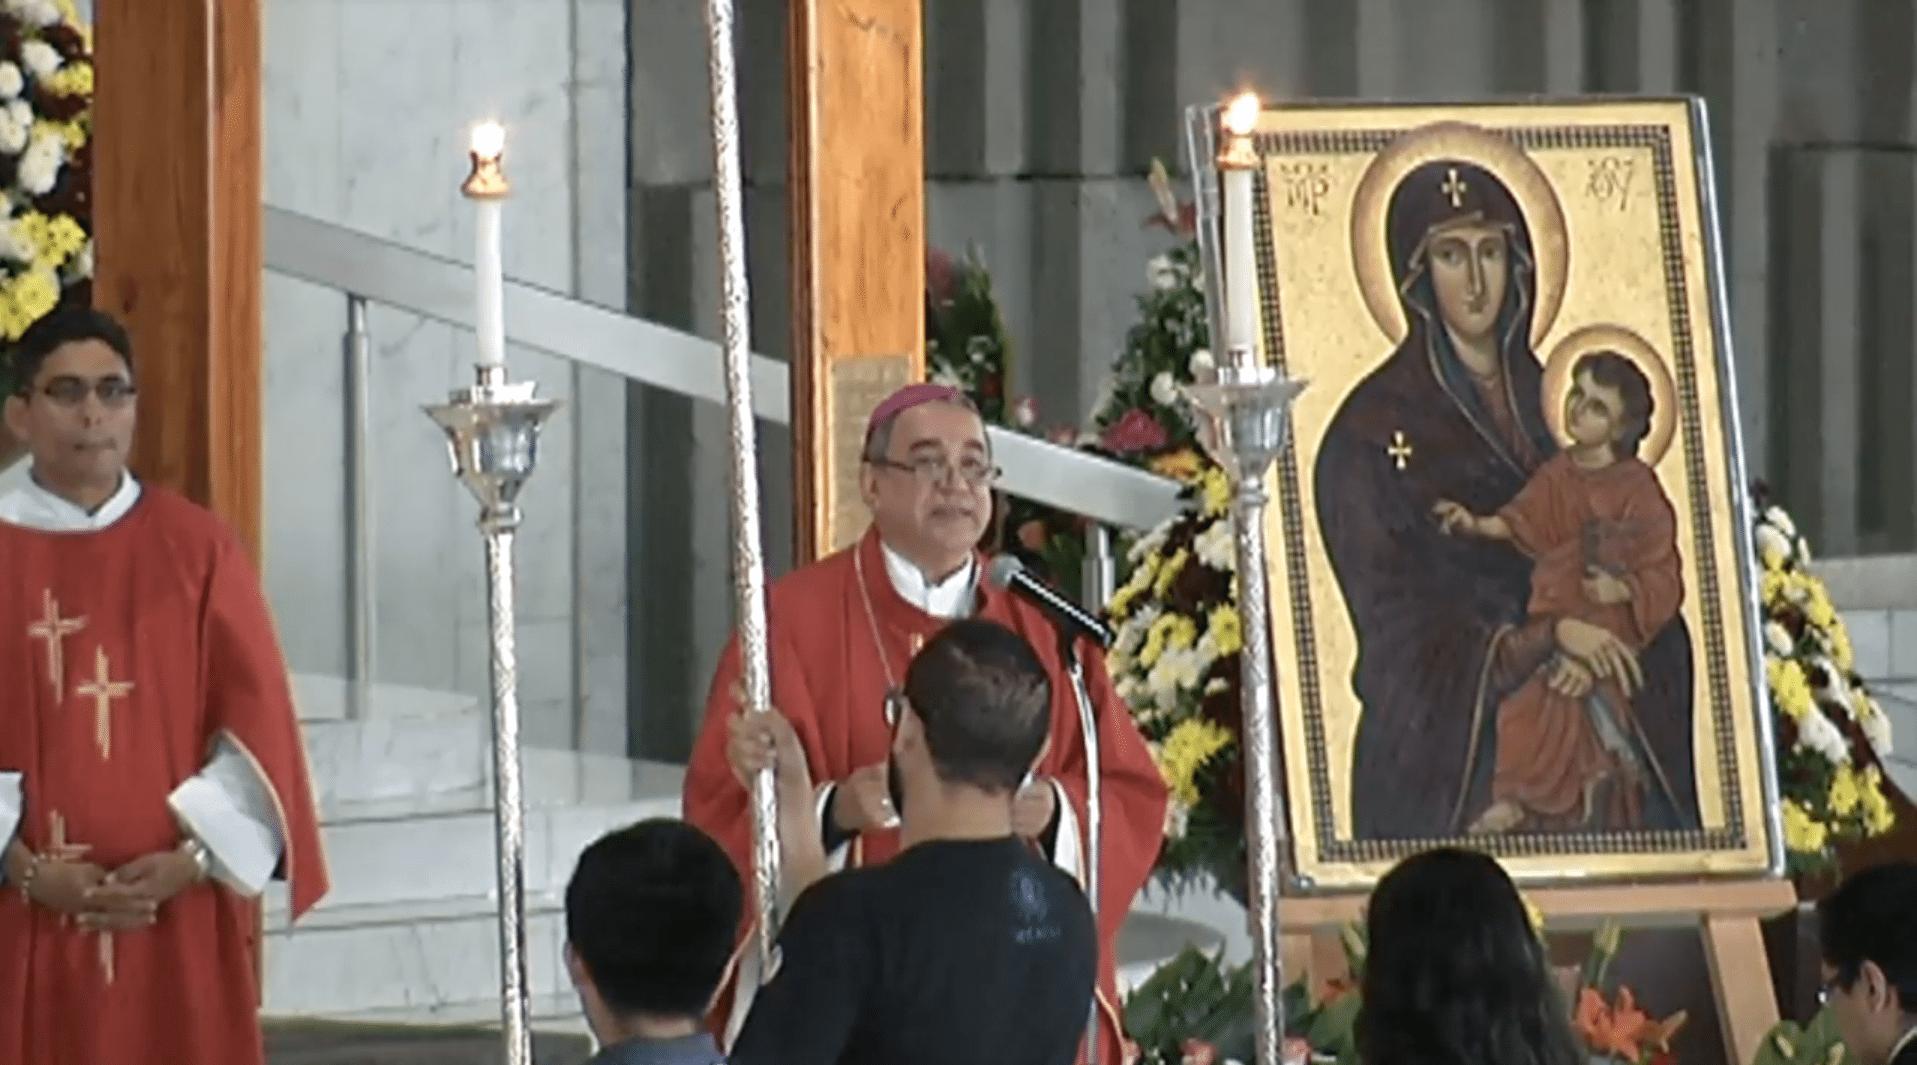 Palabras del Arzobispo en la entrga de los signos de la JMJ en la Basílica de Guadalupe